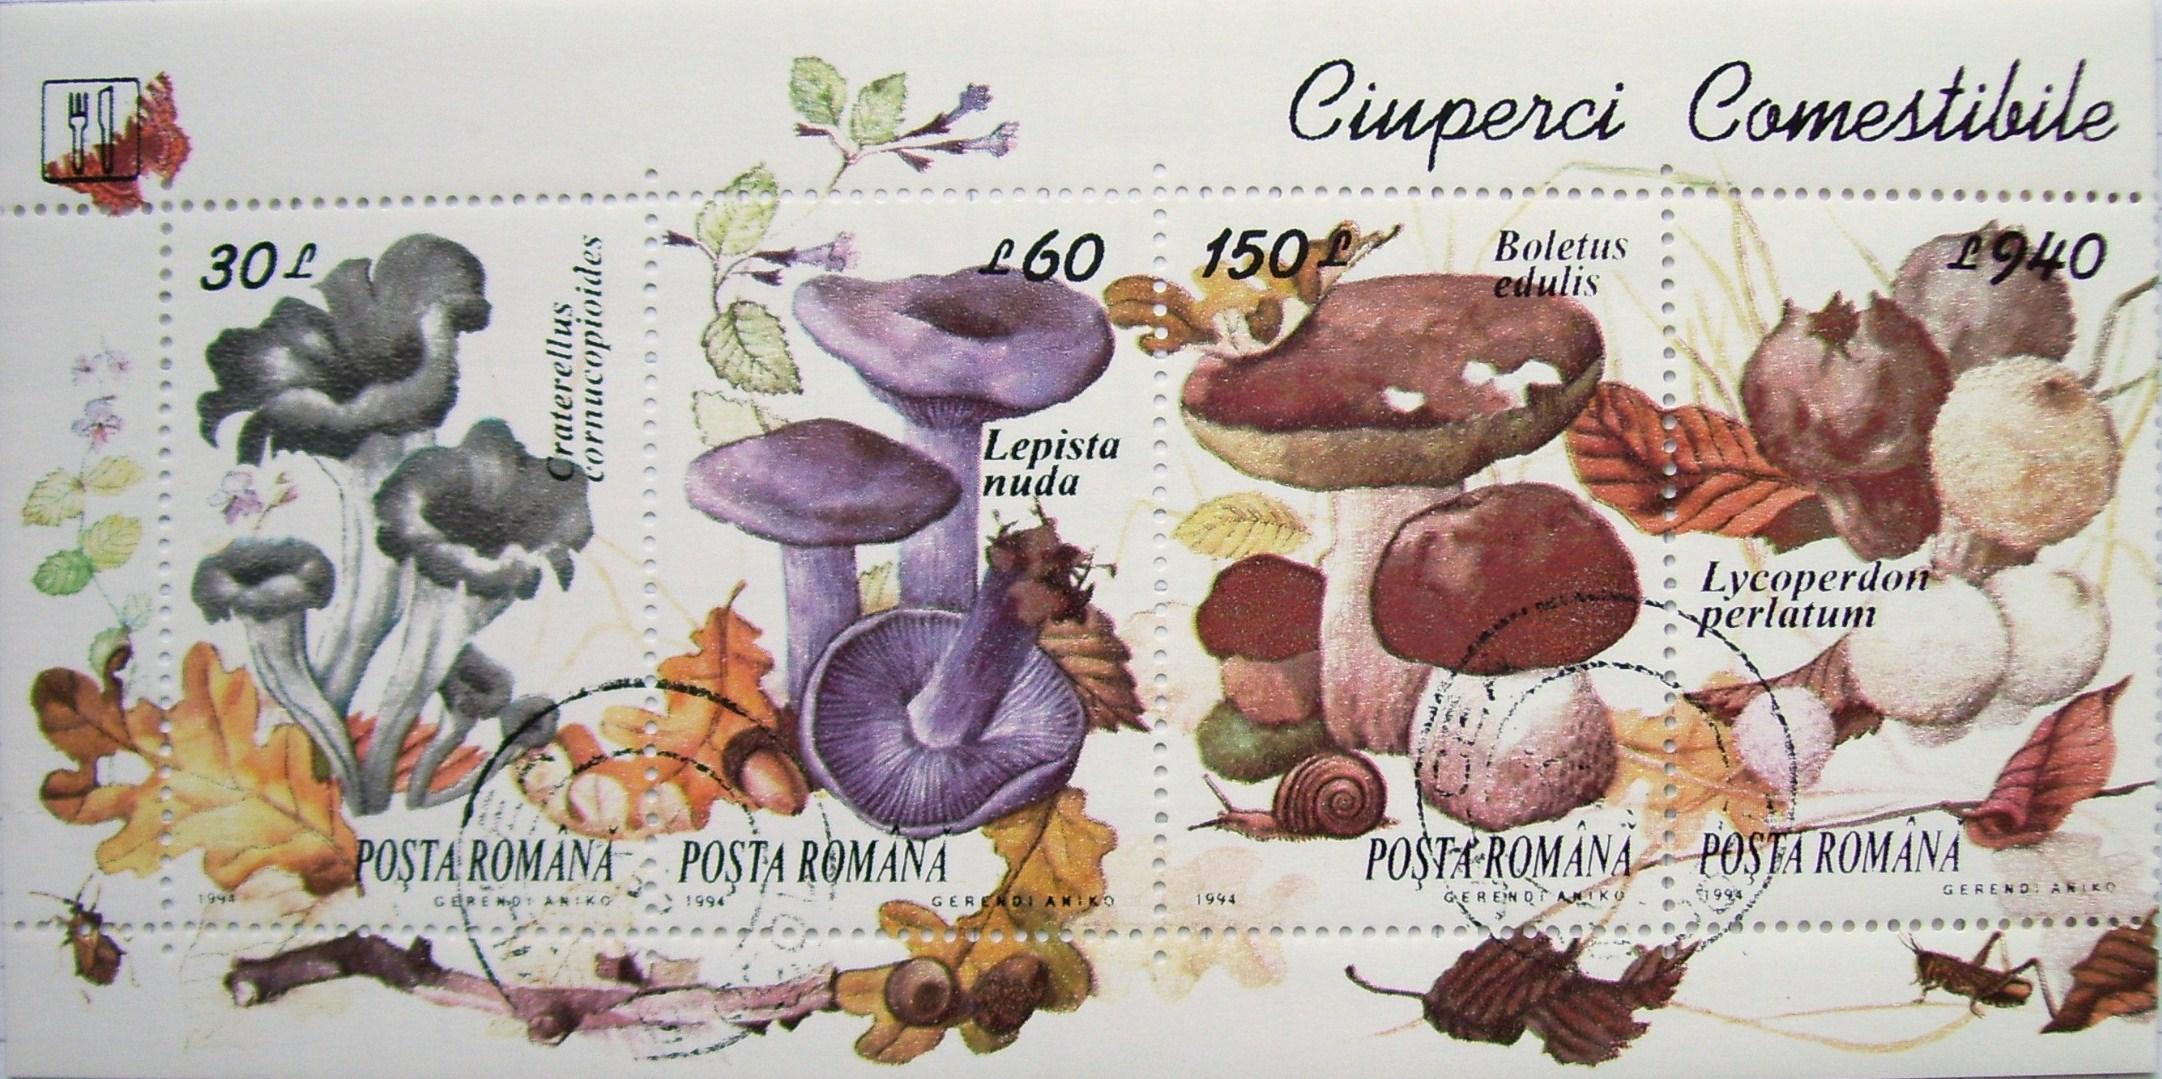 www ciuperci comestibile